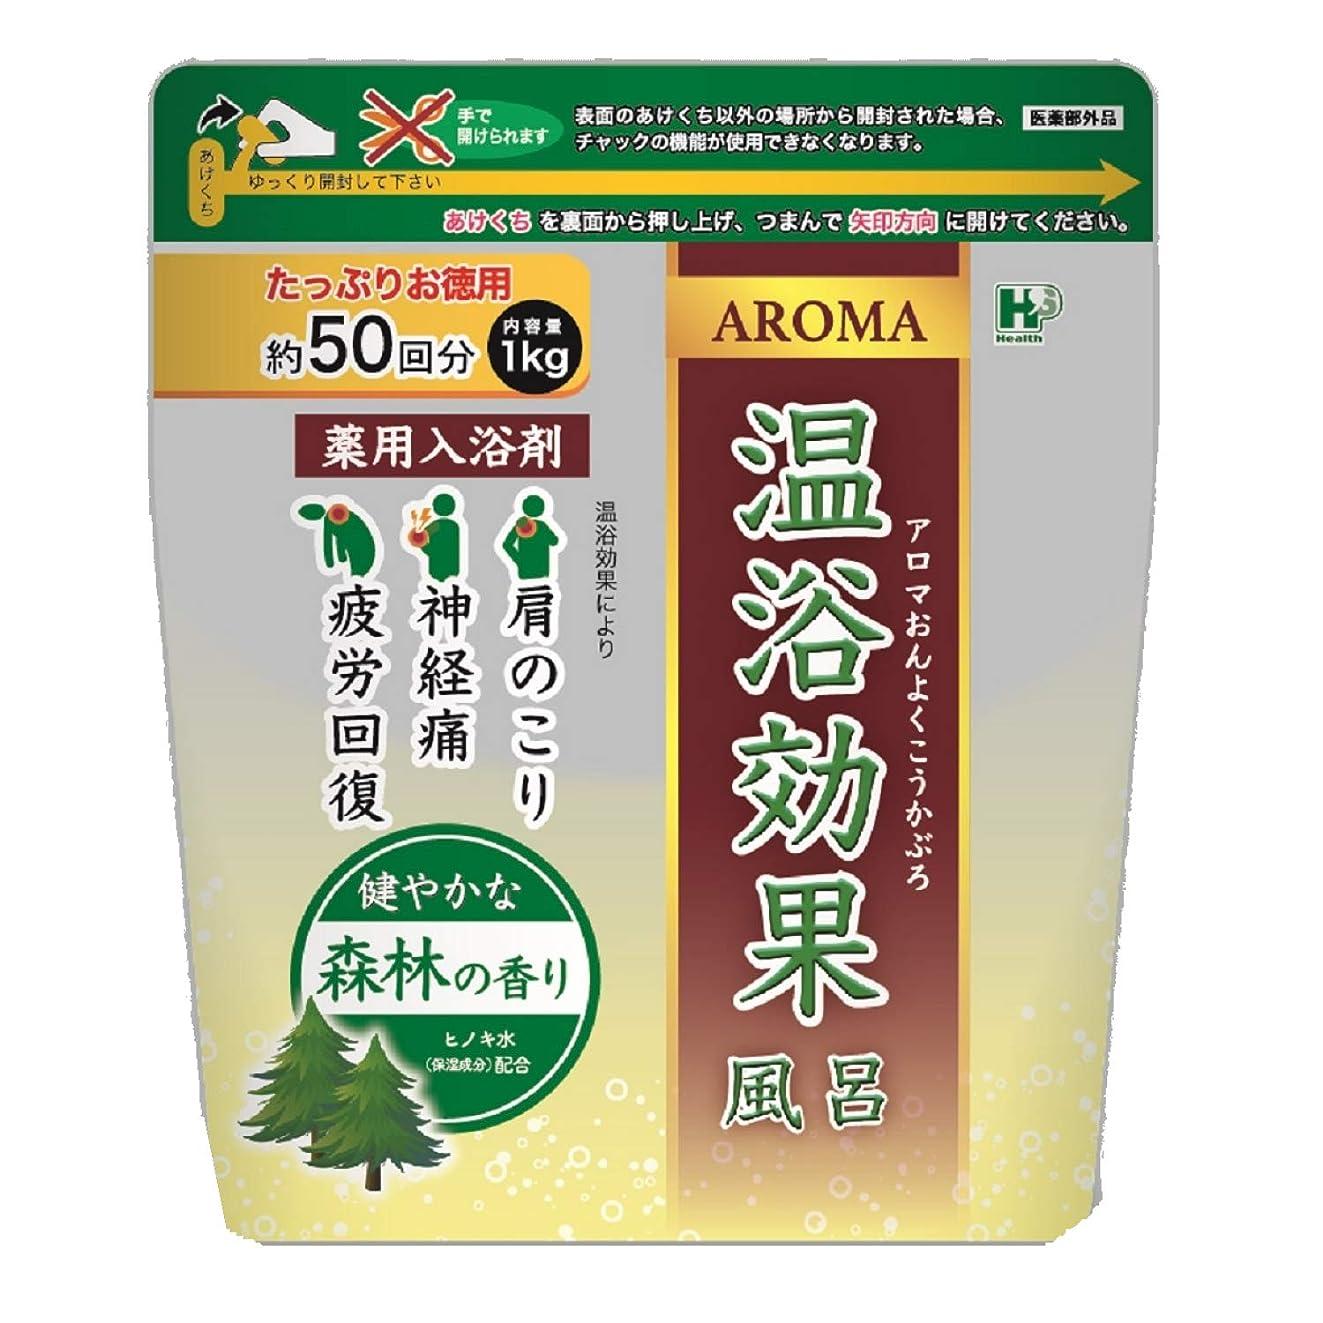 かび臭い幸運なベギンアロマ温浴効果風呂 森林 1kg